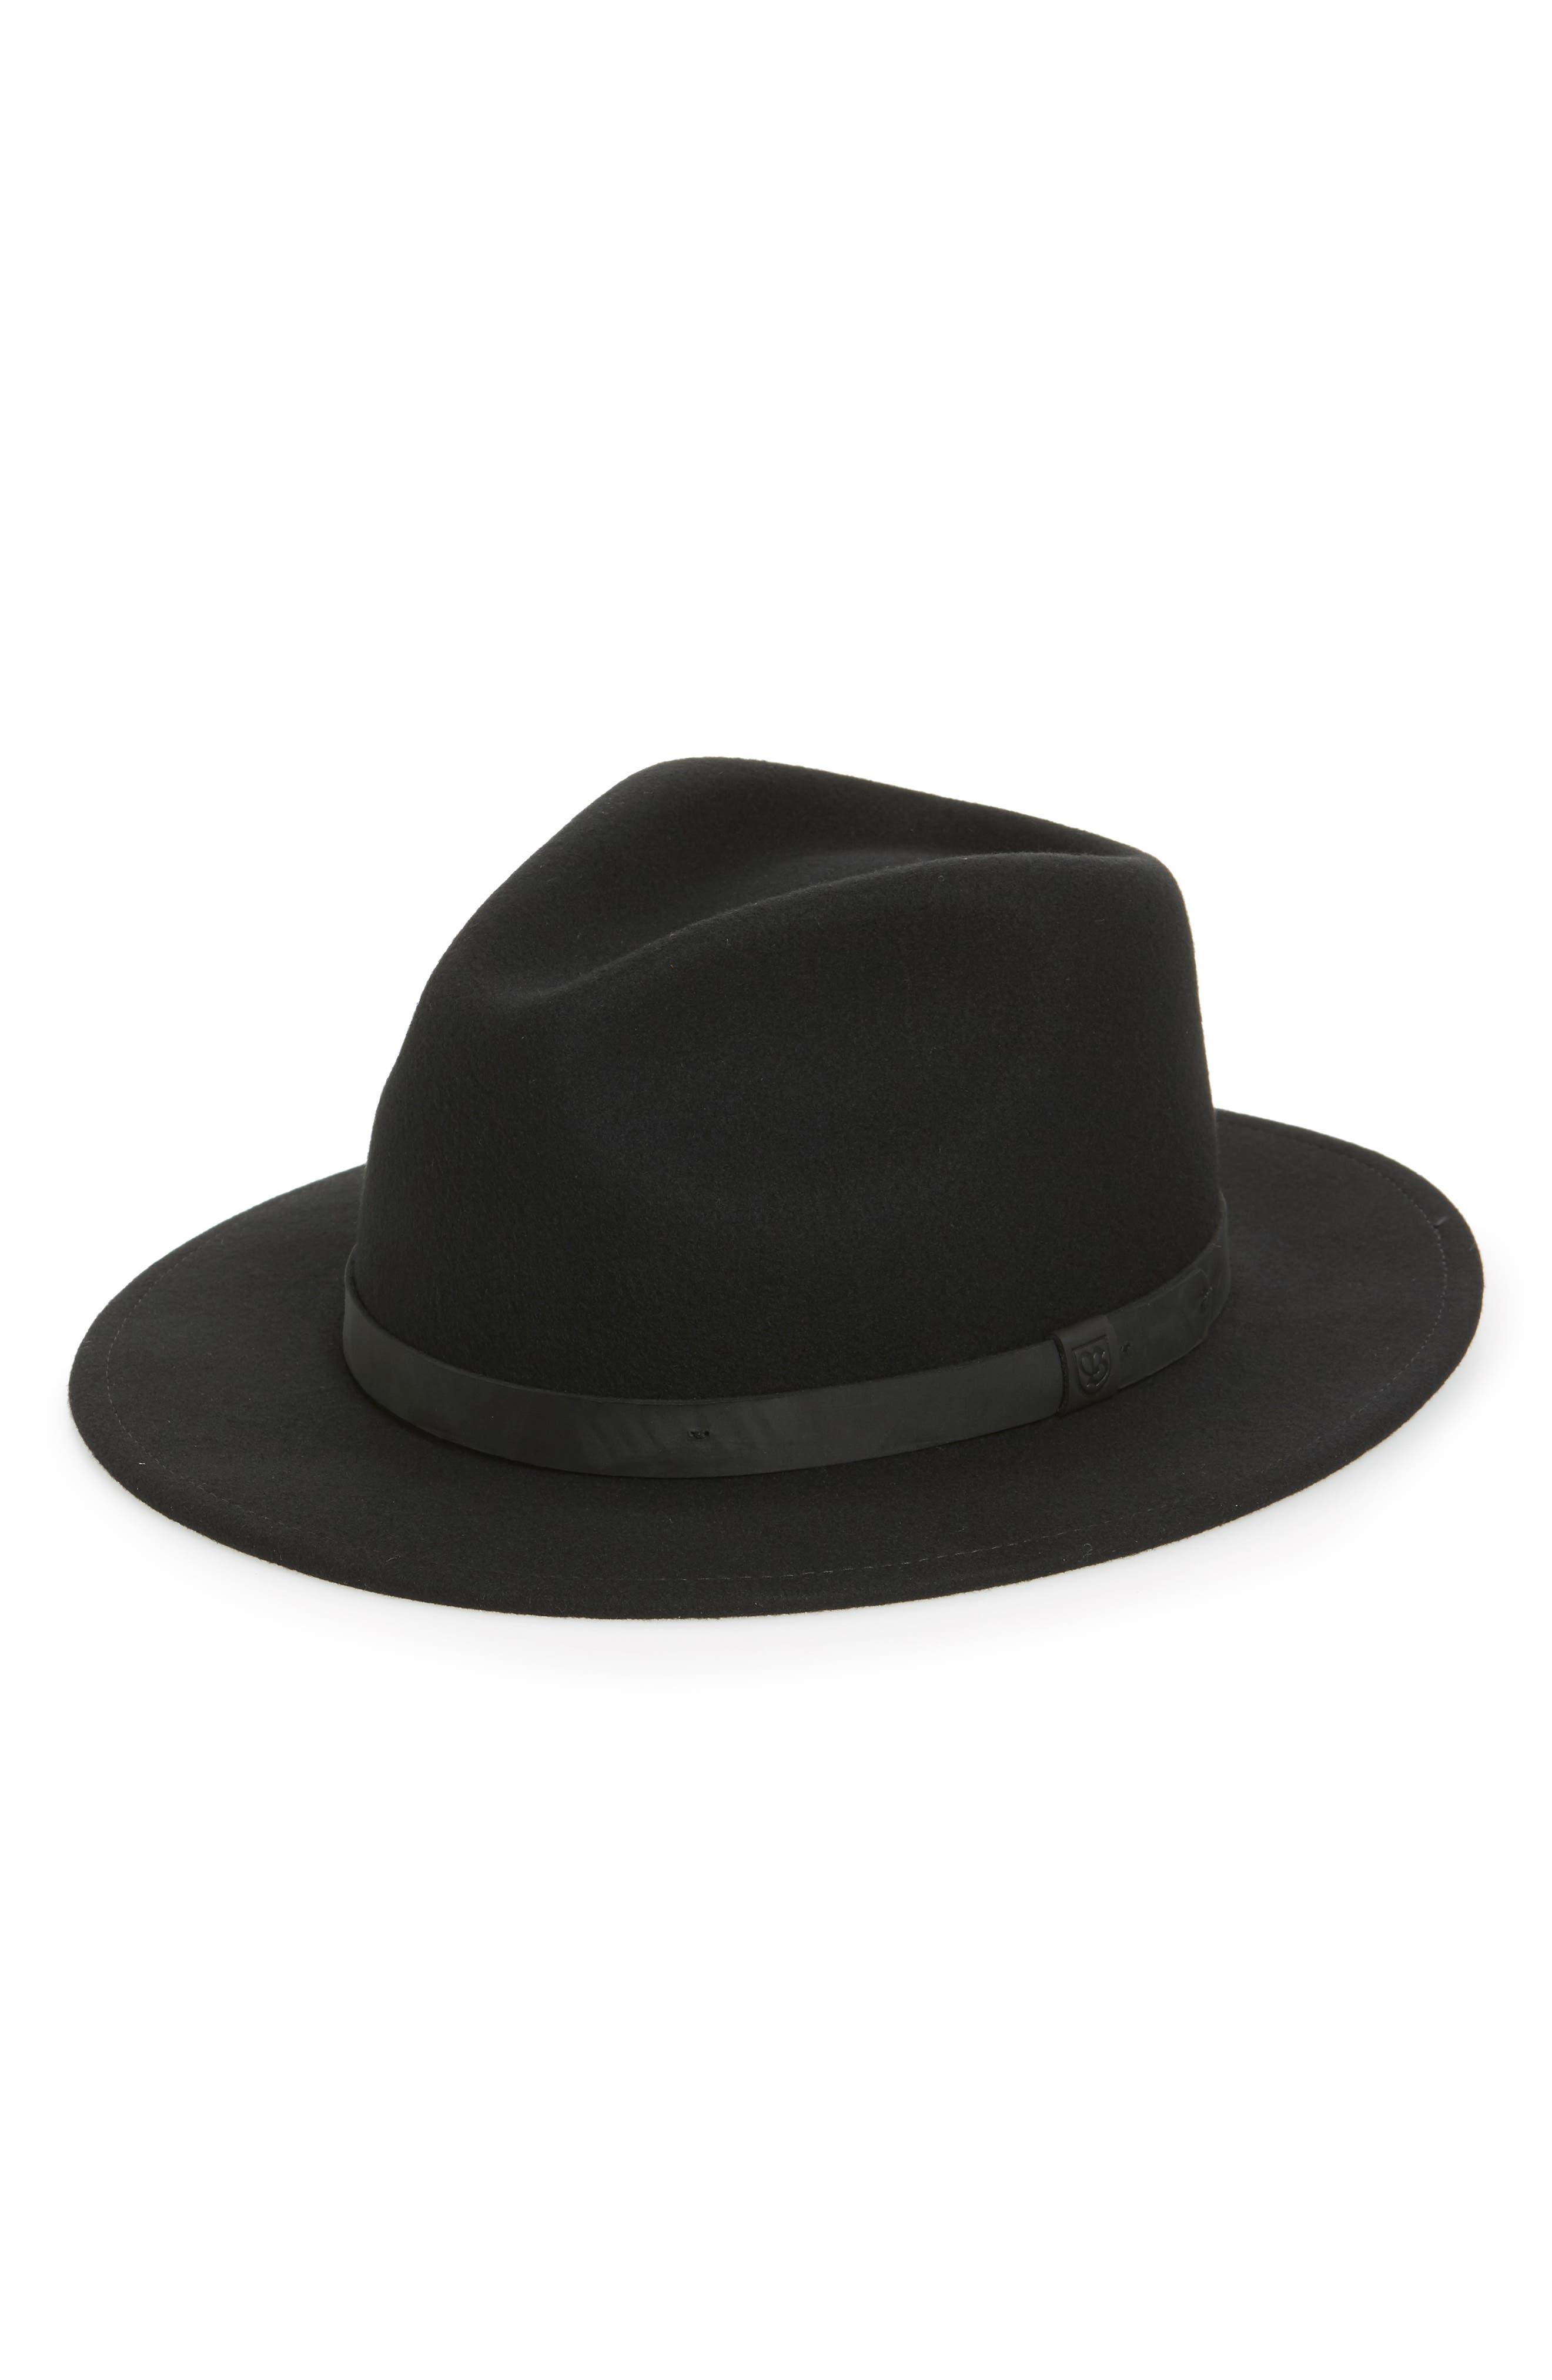 Men's Hats, Hats for Men   Nordstrom